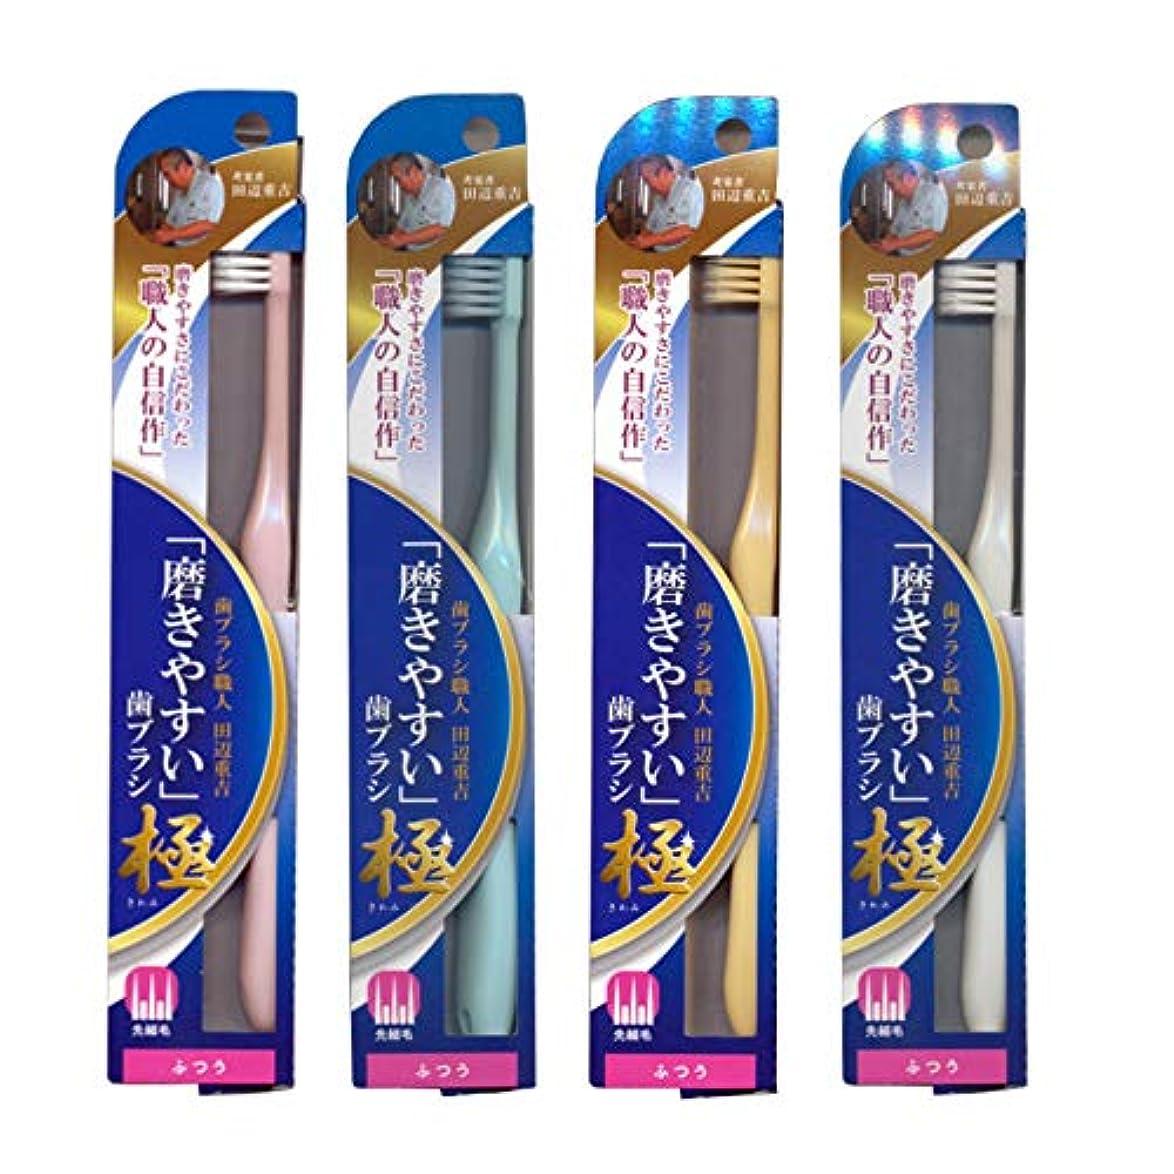 のぞき見選挙ドアミラー磨きやすい歯ブラシ極 (ふつう) LT-44×4本セット(ピンク×1、ブルー×1、ホワイト×1、イエロー×1)先細毛